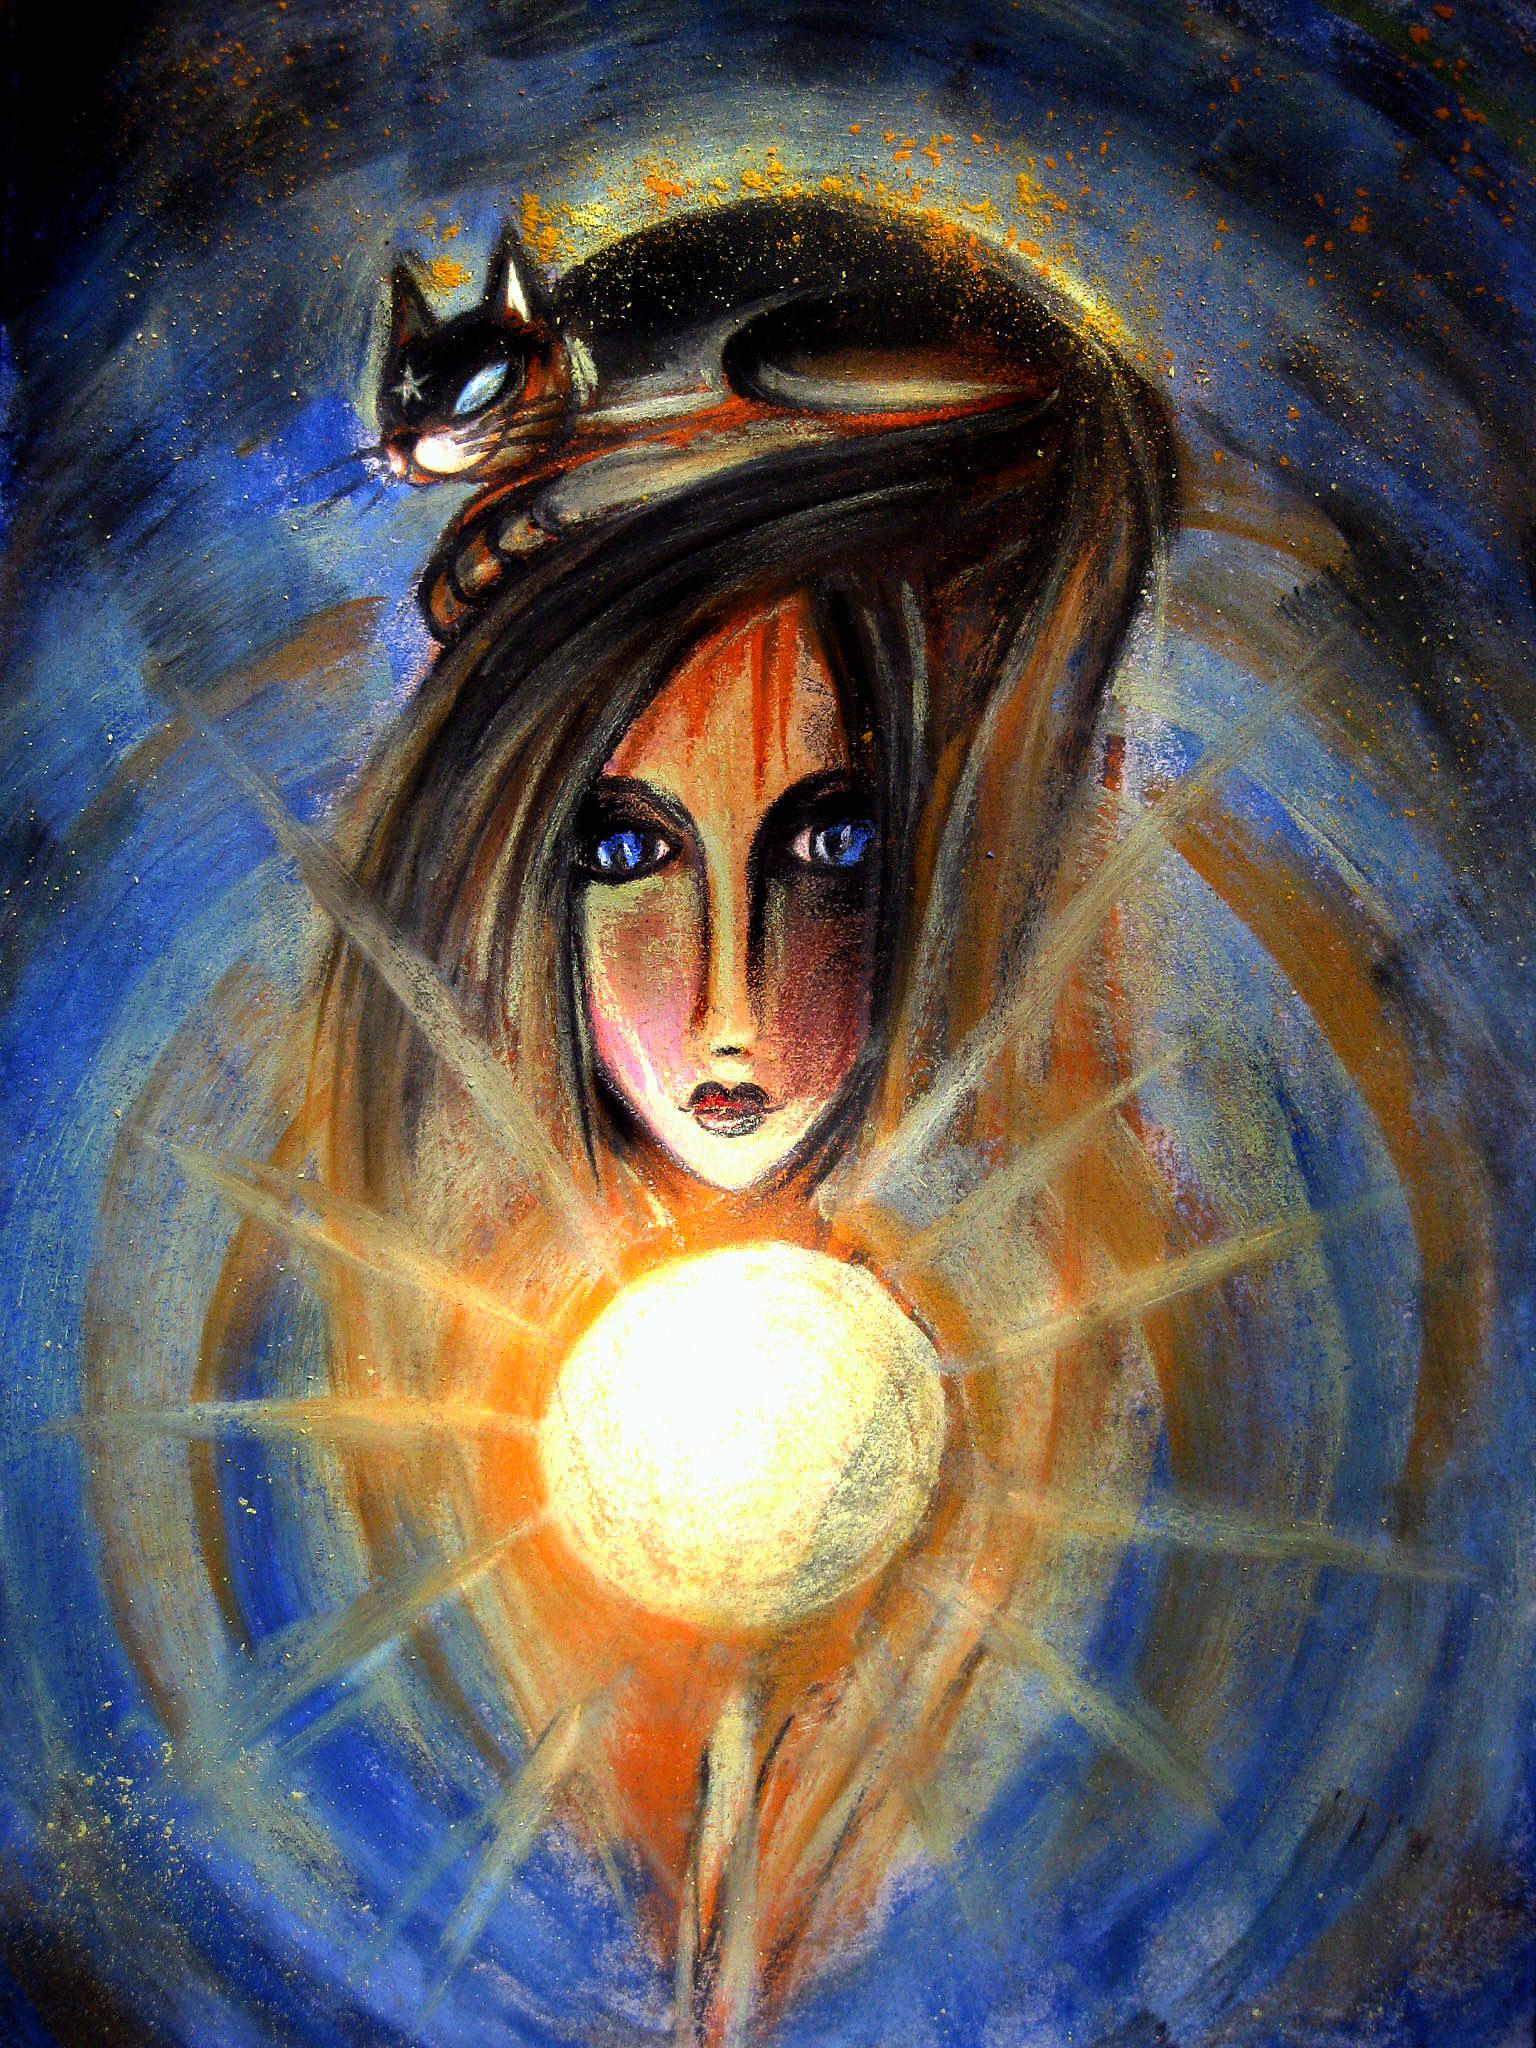 Теплый галактический кот наших мыслей и солнце Души...